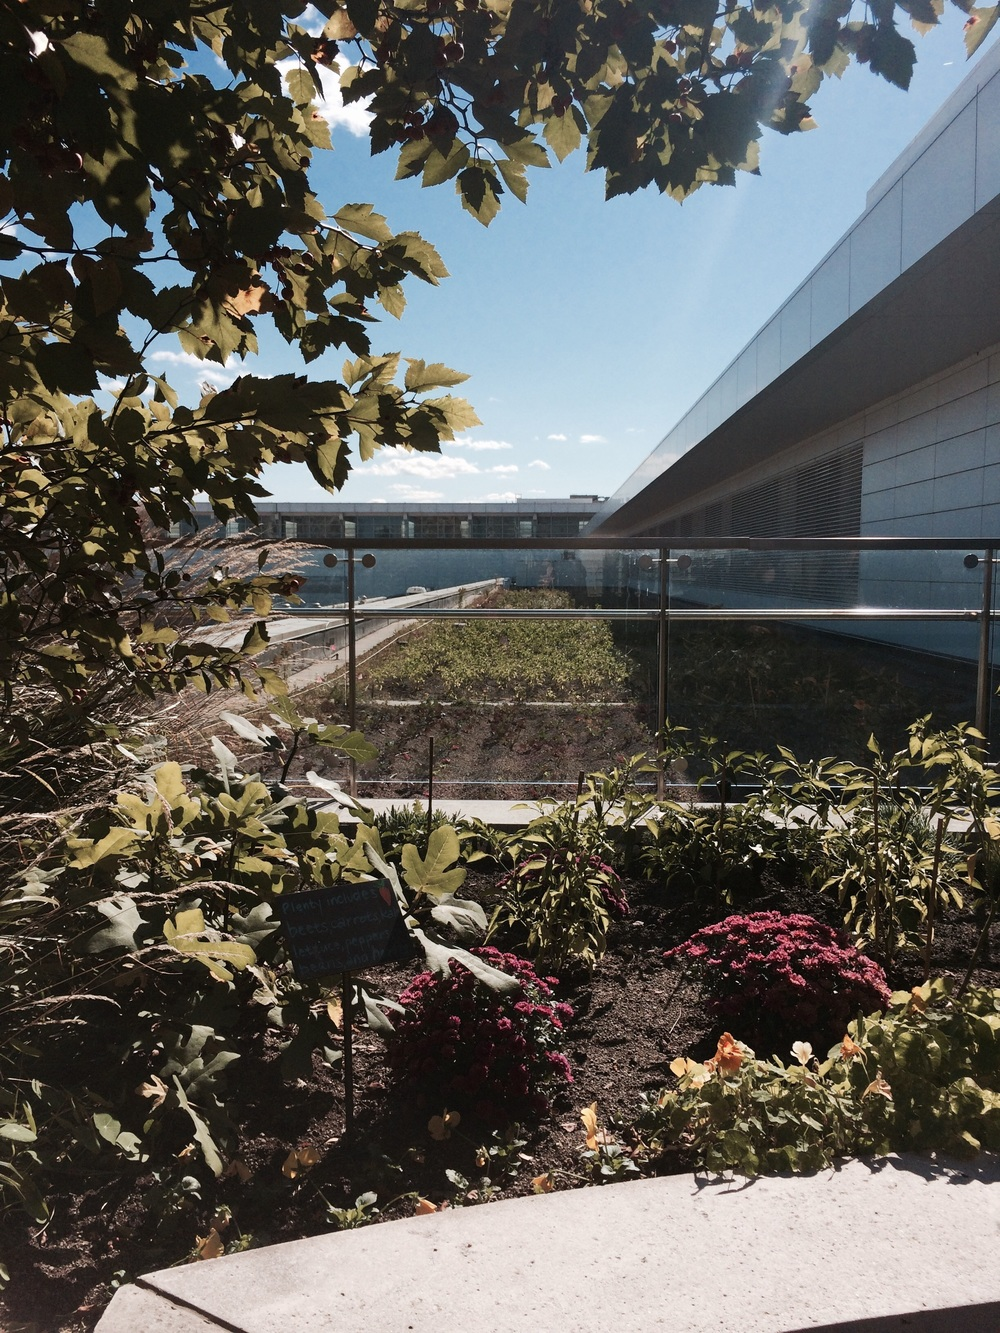 McCormick rooftop garden.